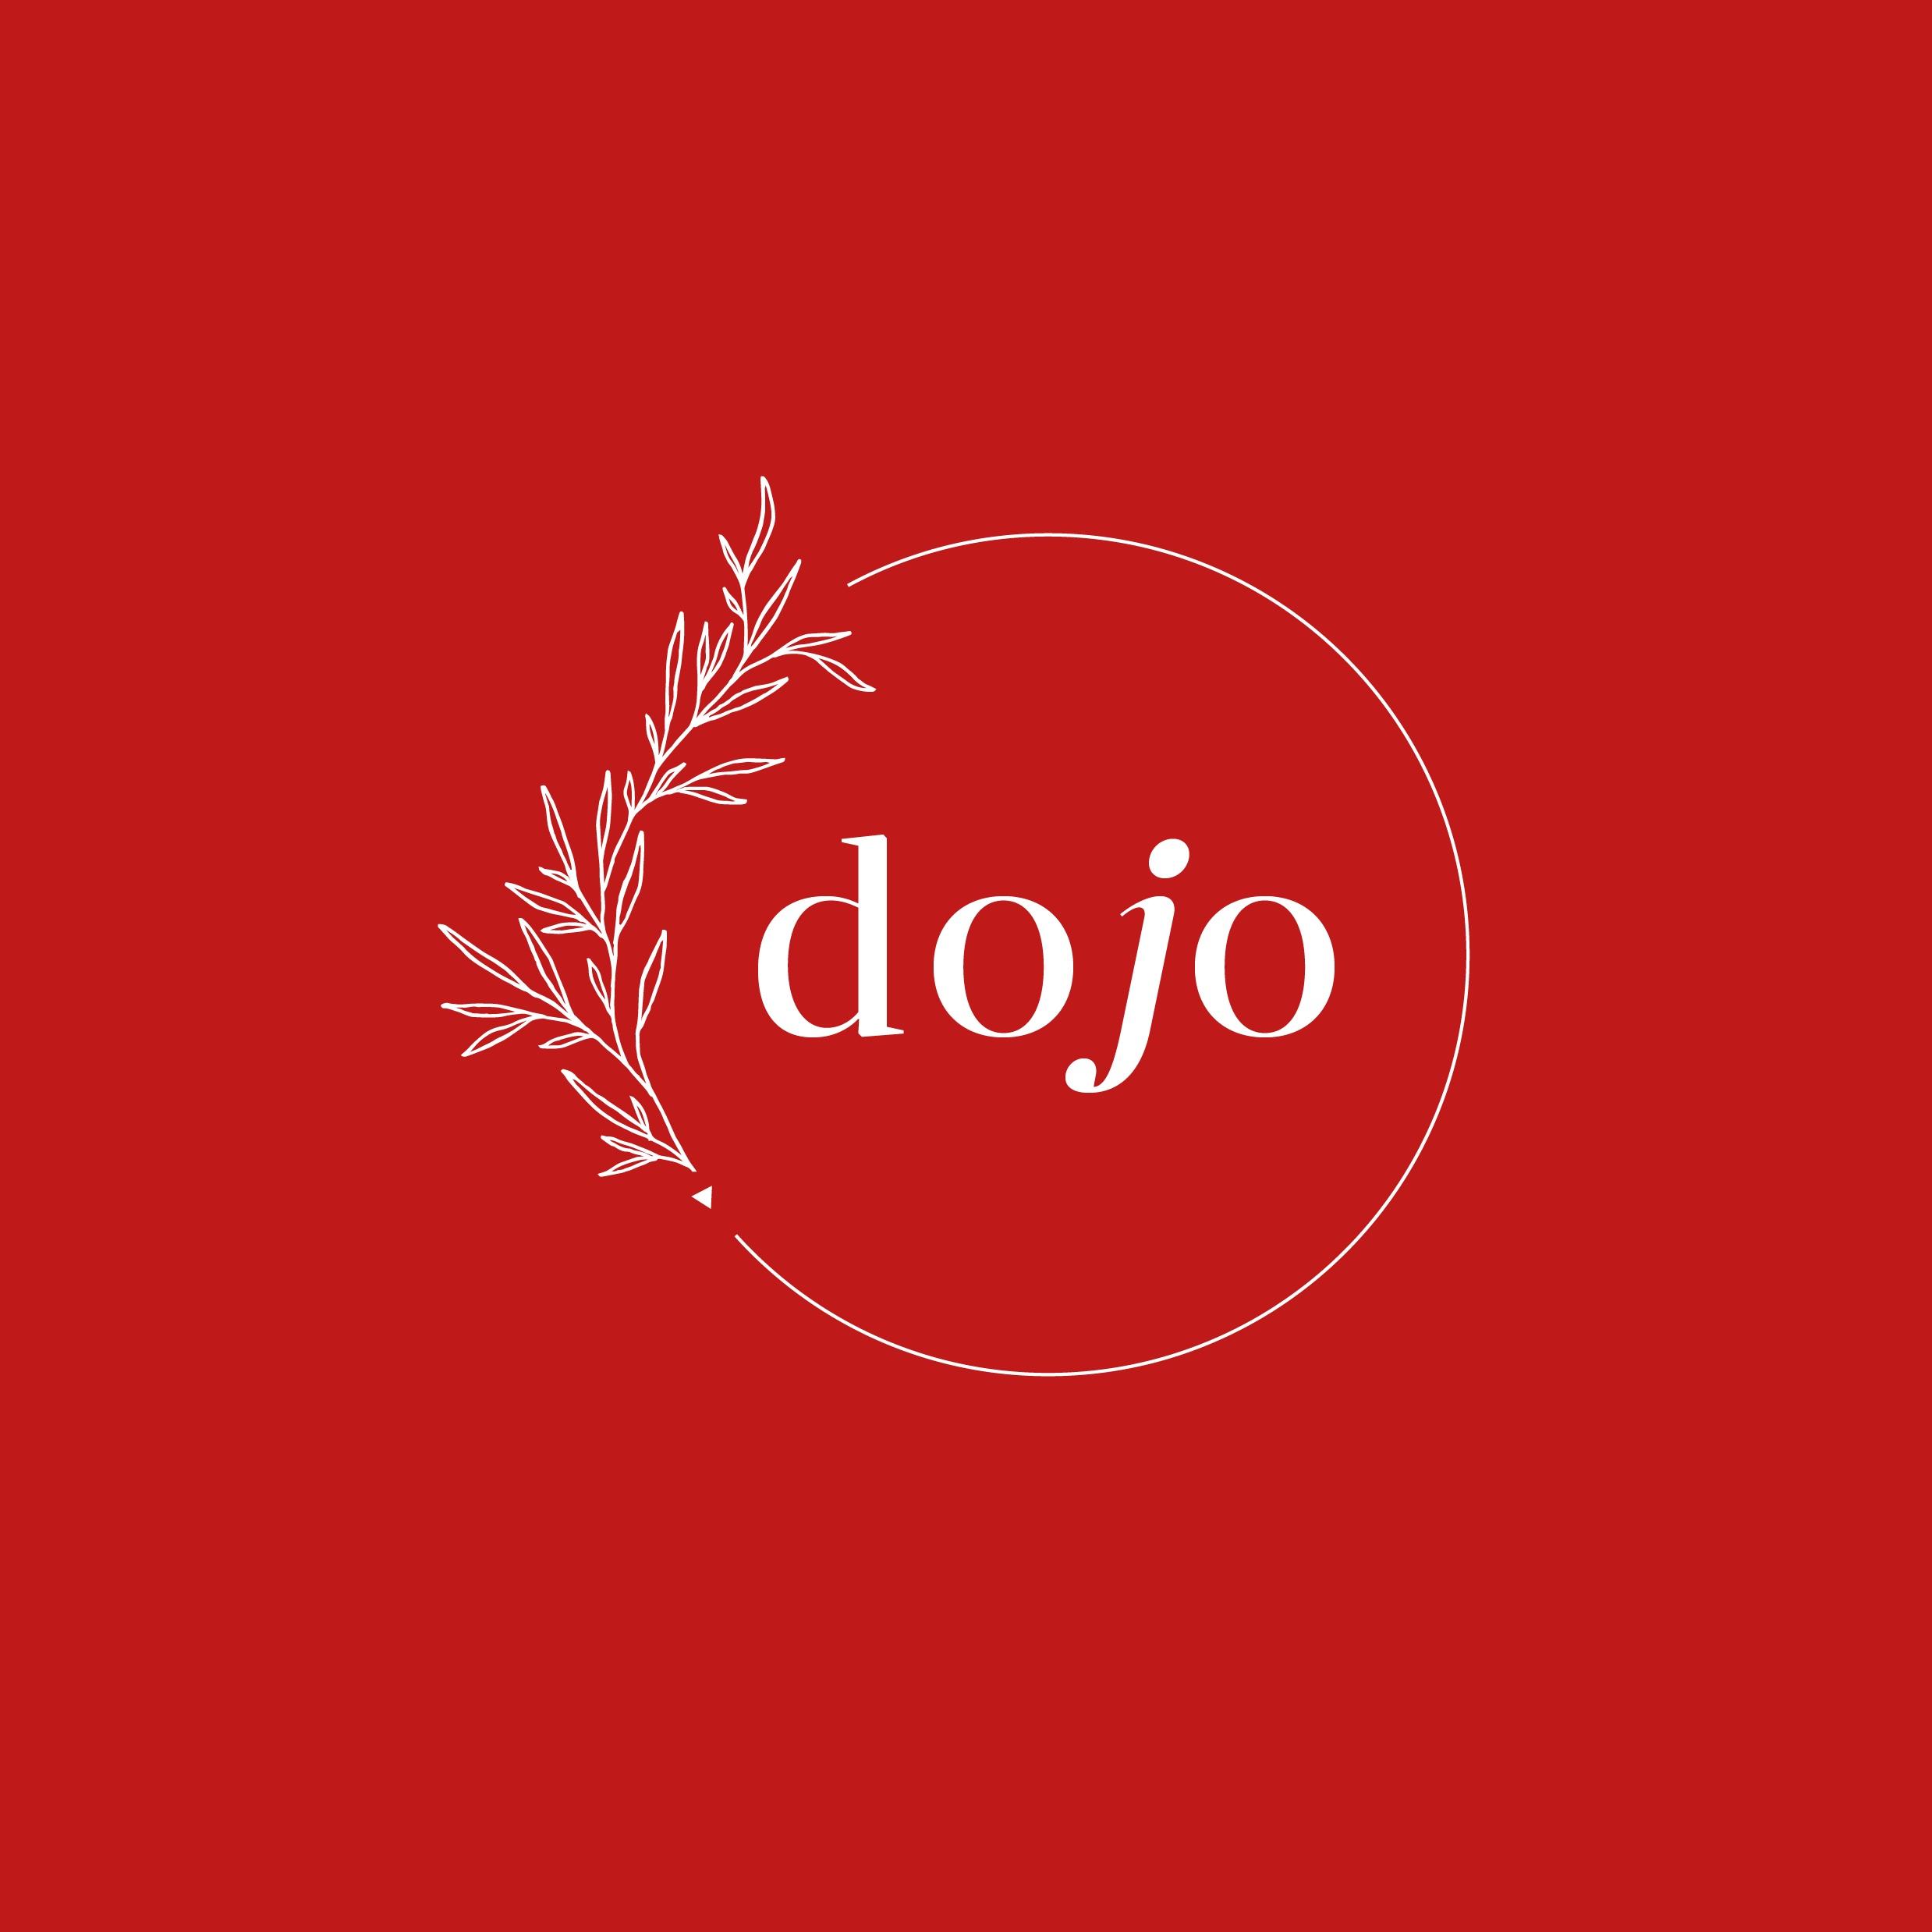 Dojo-02.jpg